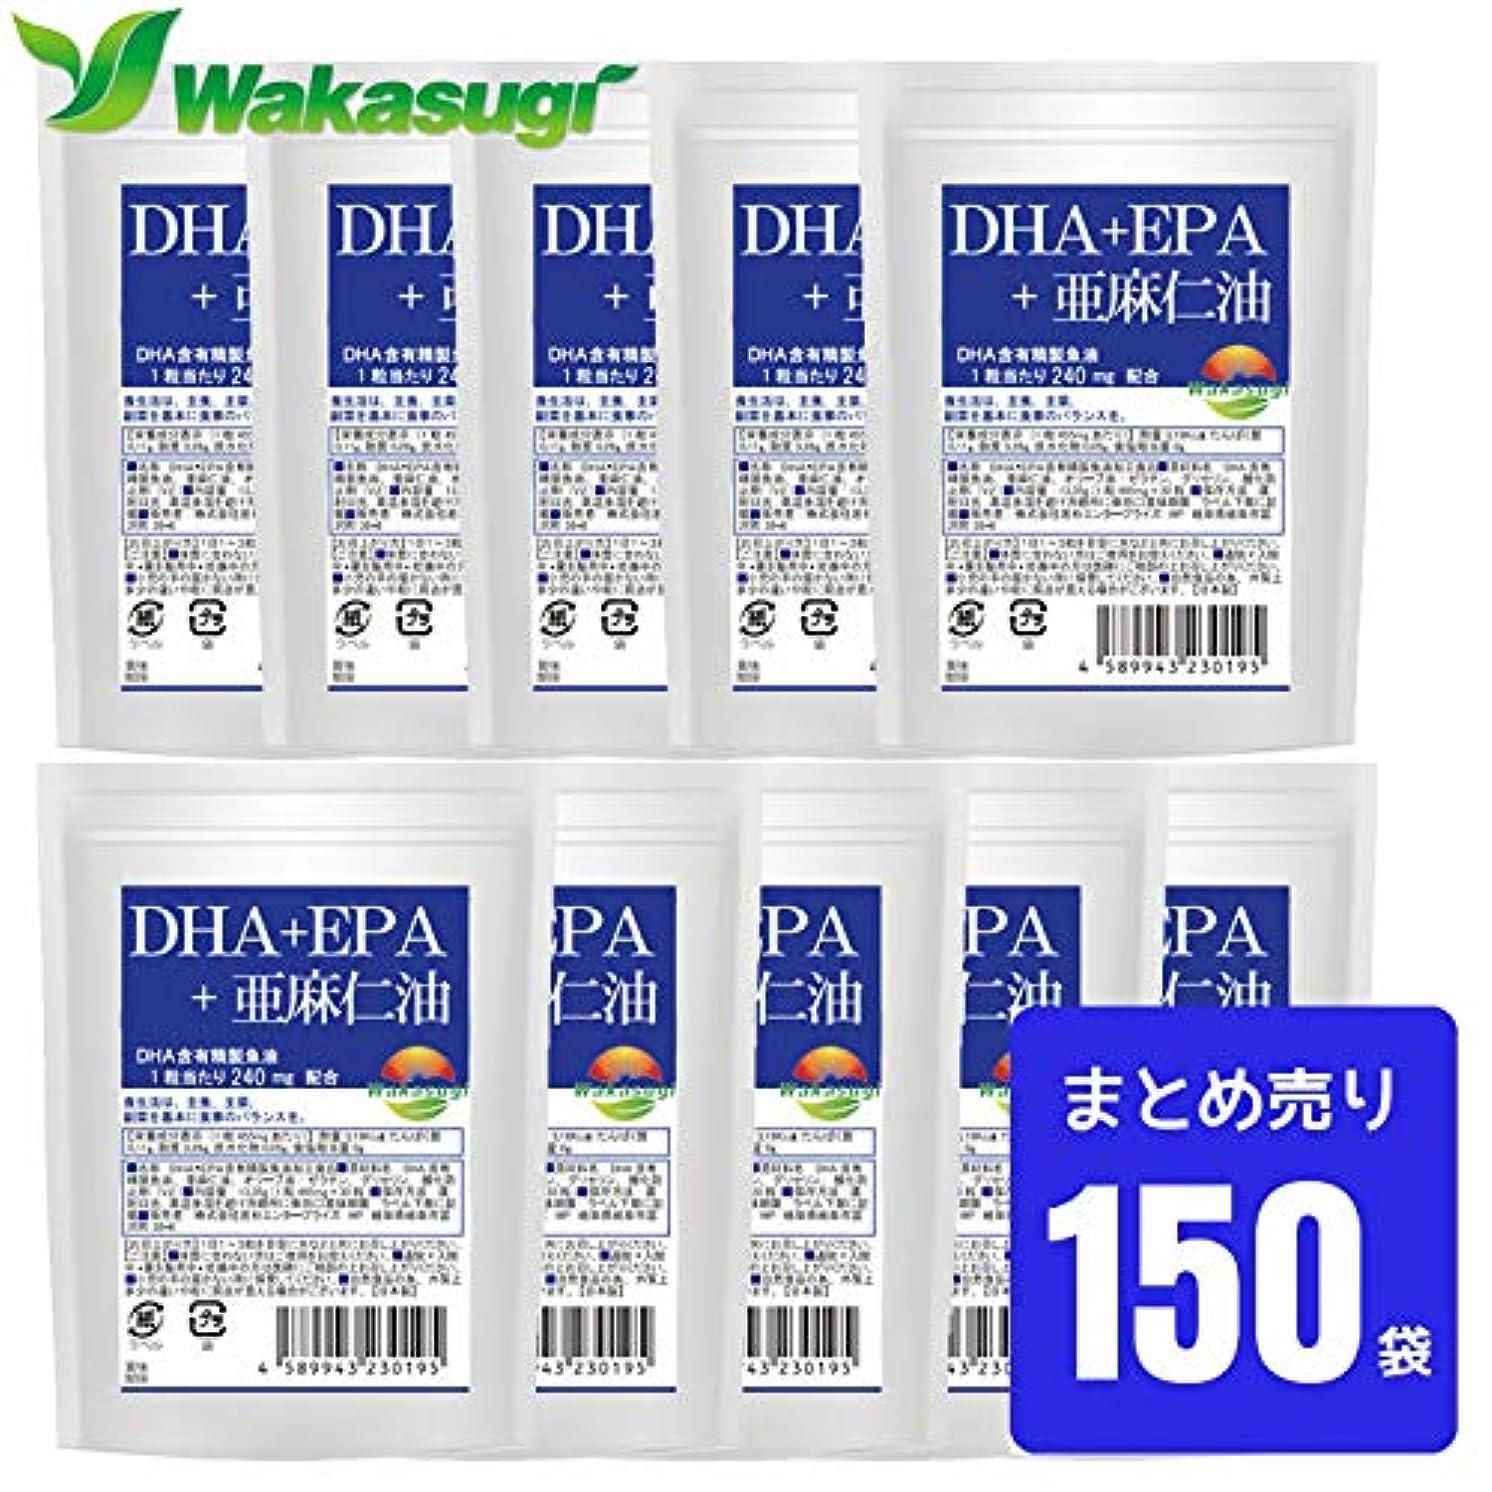 ジェット今まで幻想DHA+EPA+亜麻仁油 ソフトカプセル30粒 150袋 合計4,500粒 まとめ売り